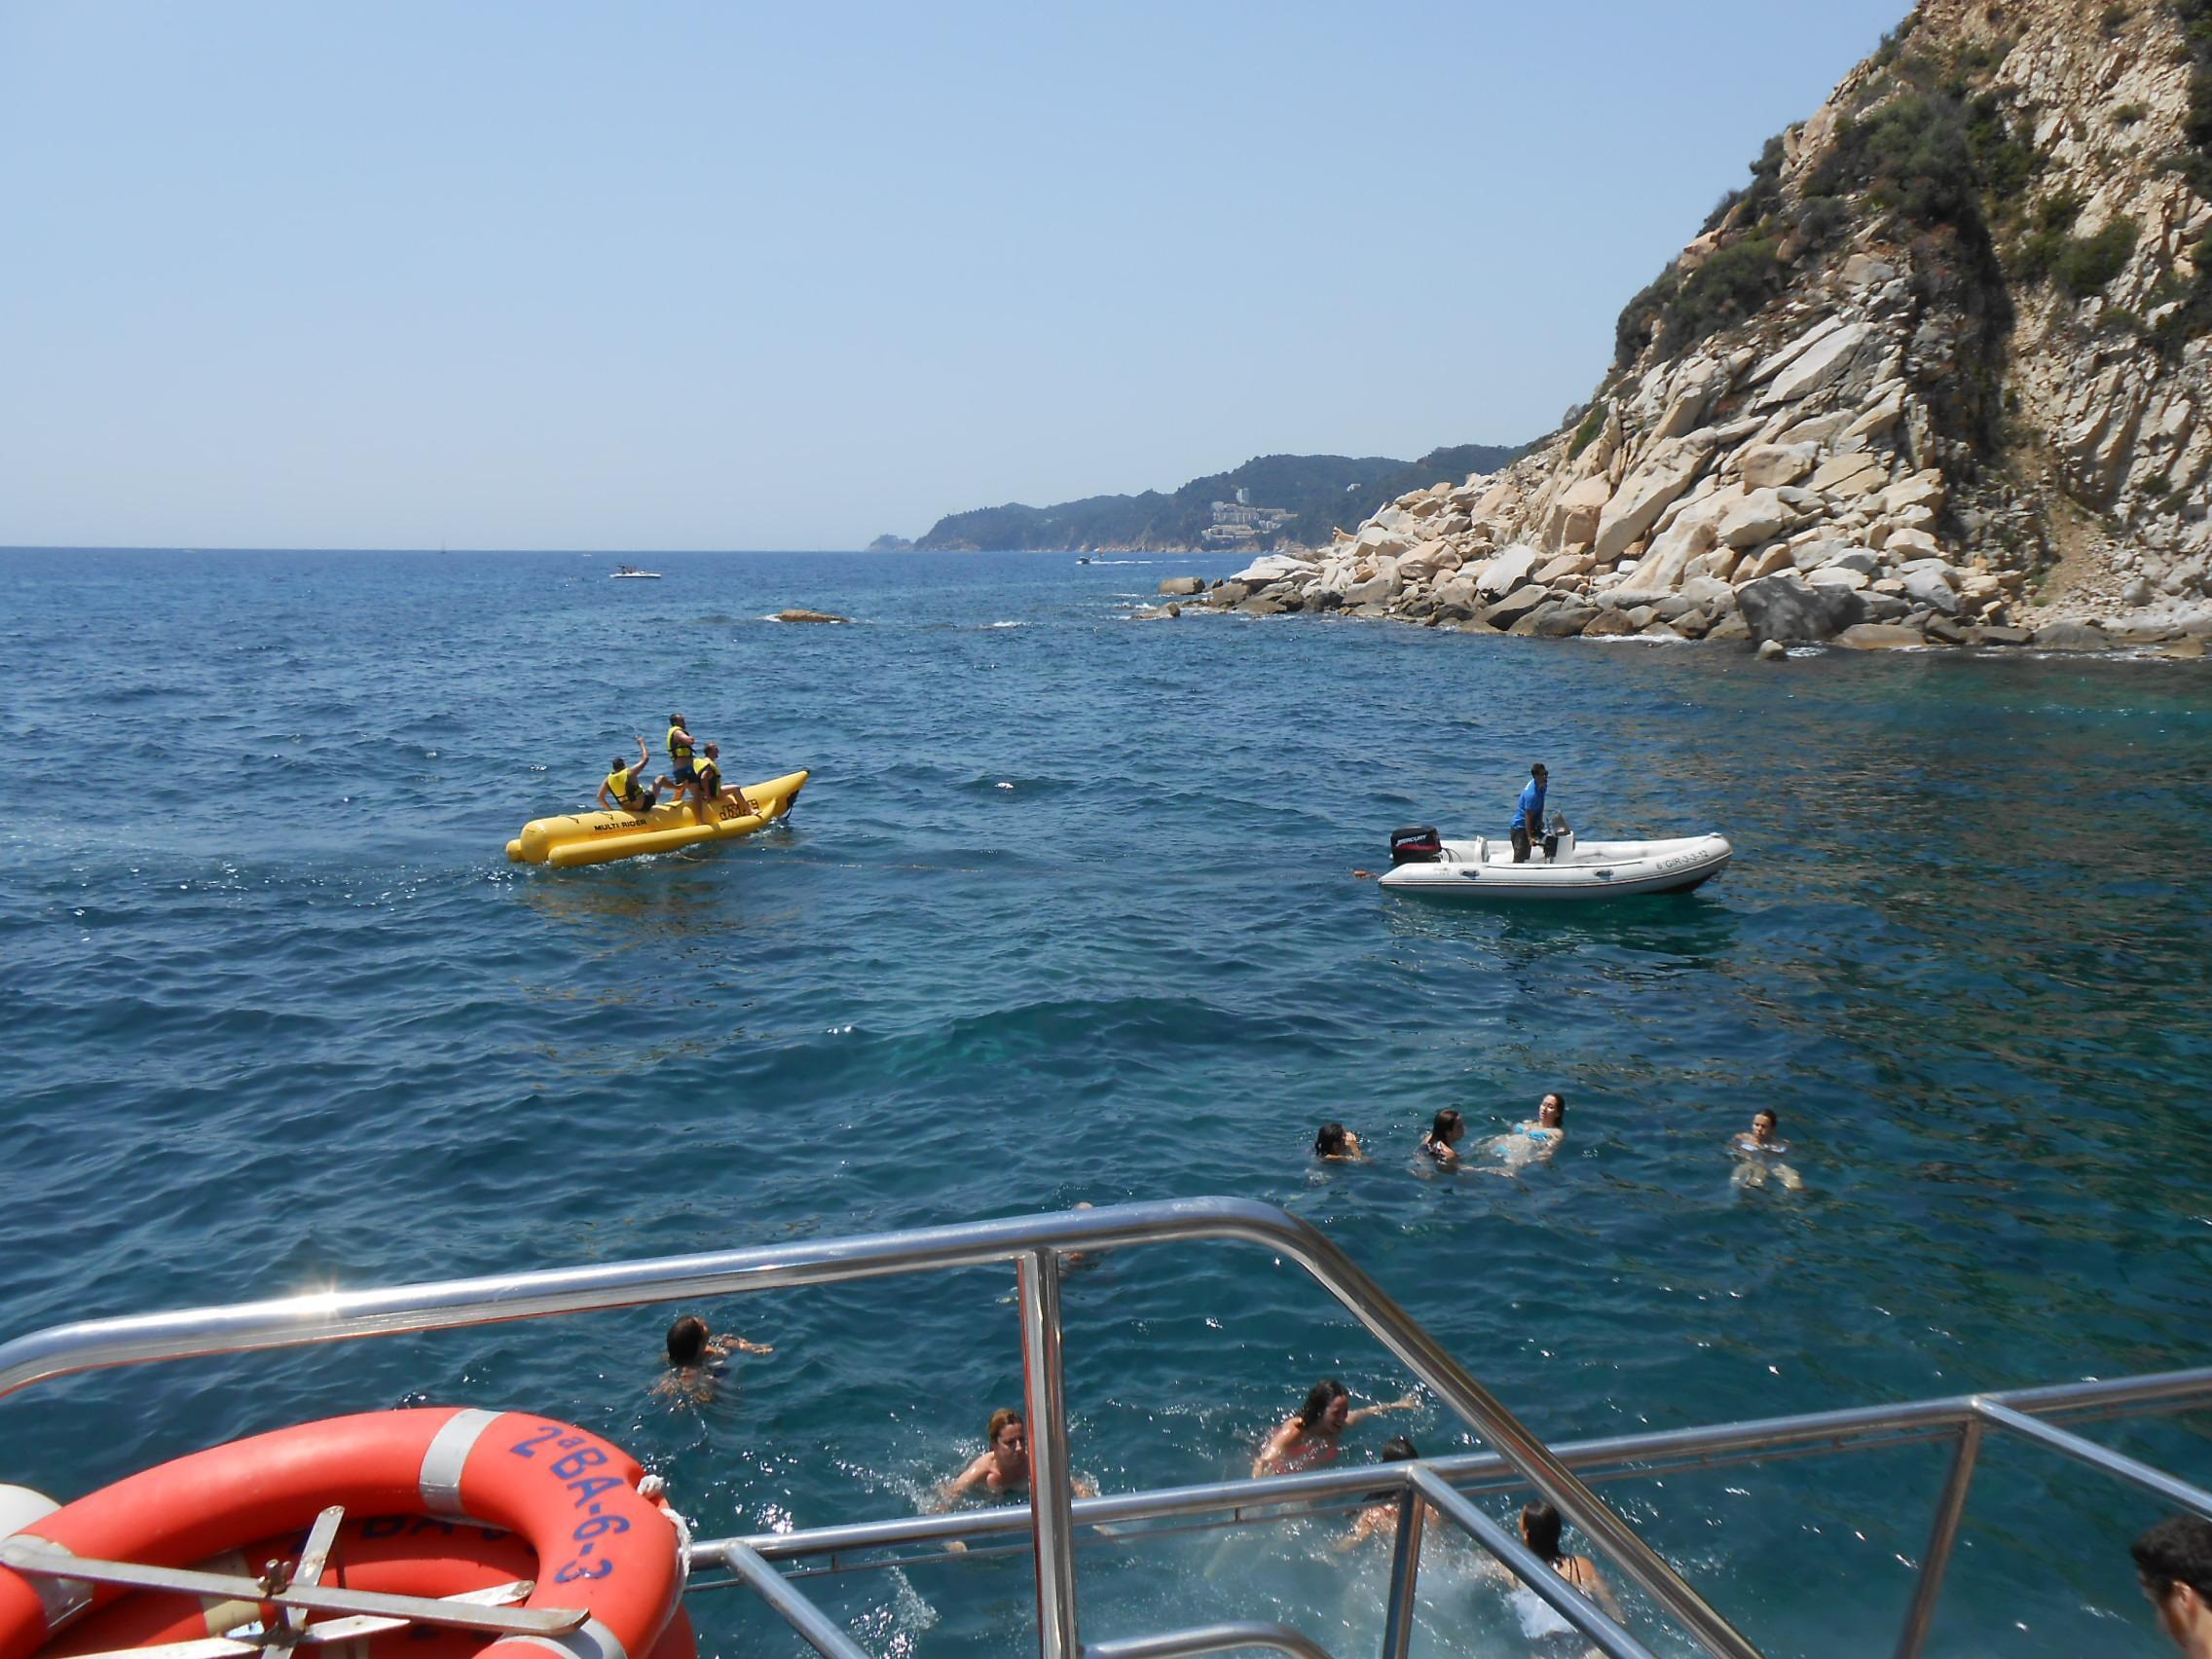 Excursión en barco, snorkel, banana boat y comida (3 horas)